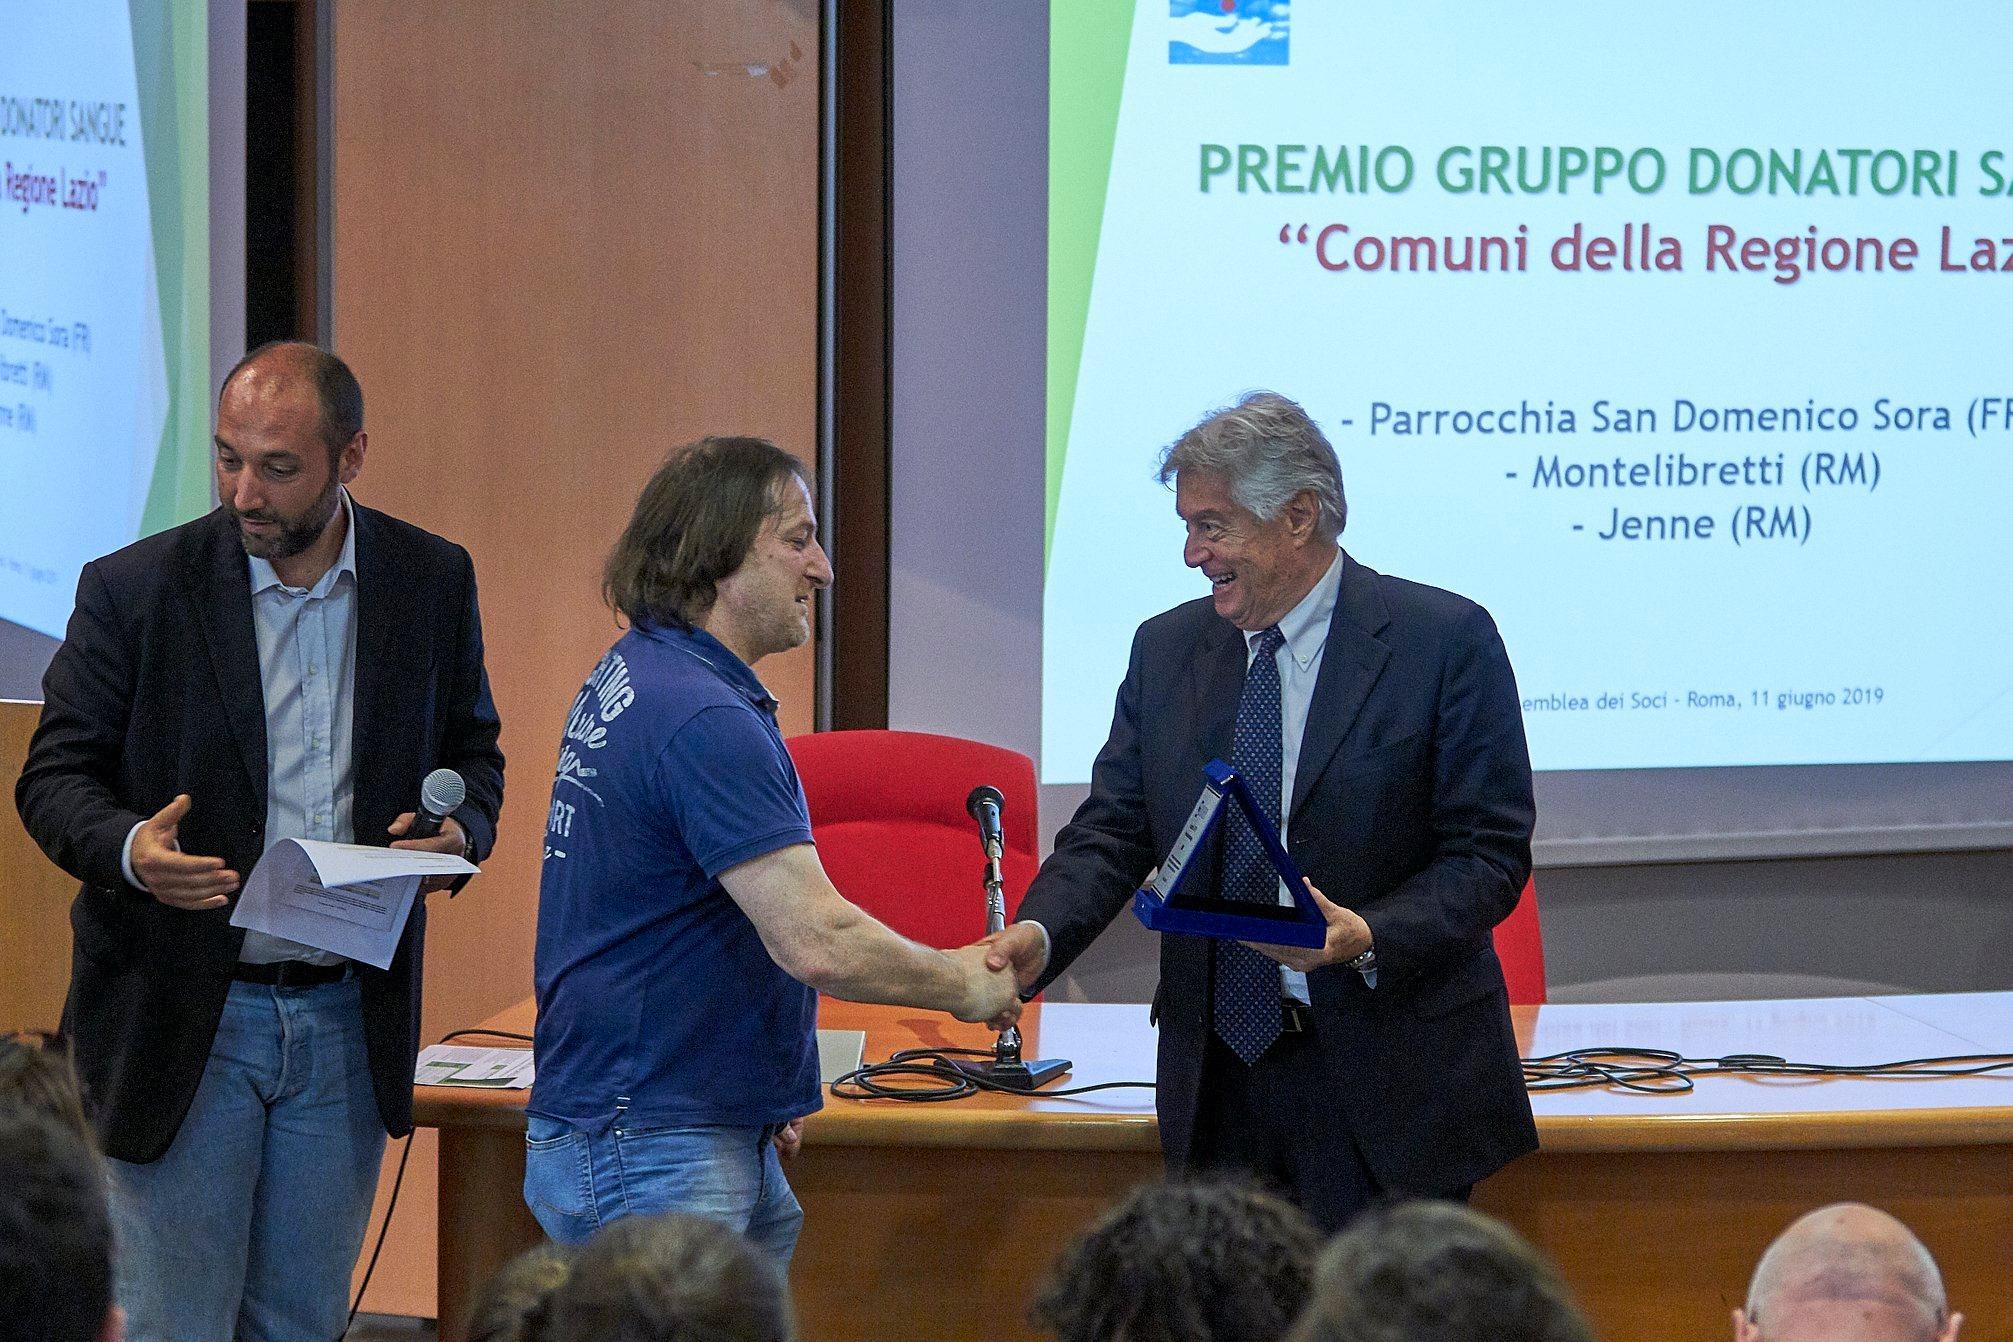 Donatori di sangue, il gruppo di Jenne premiato a Roma